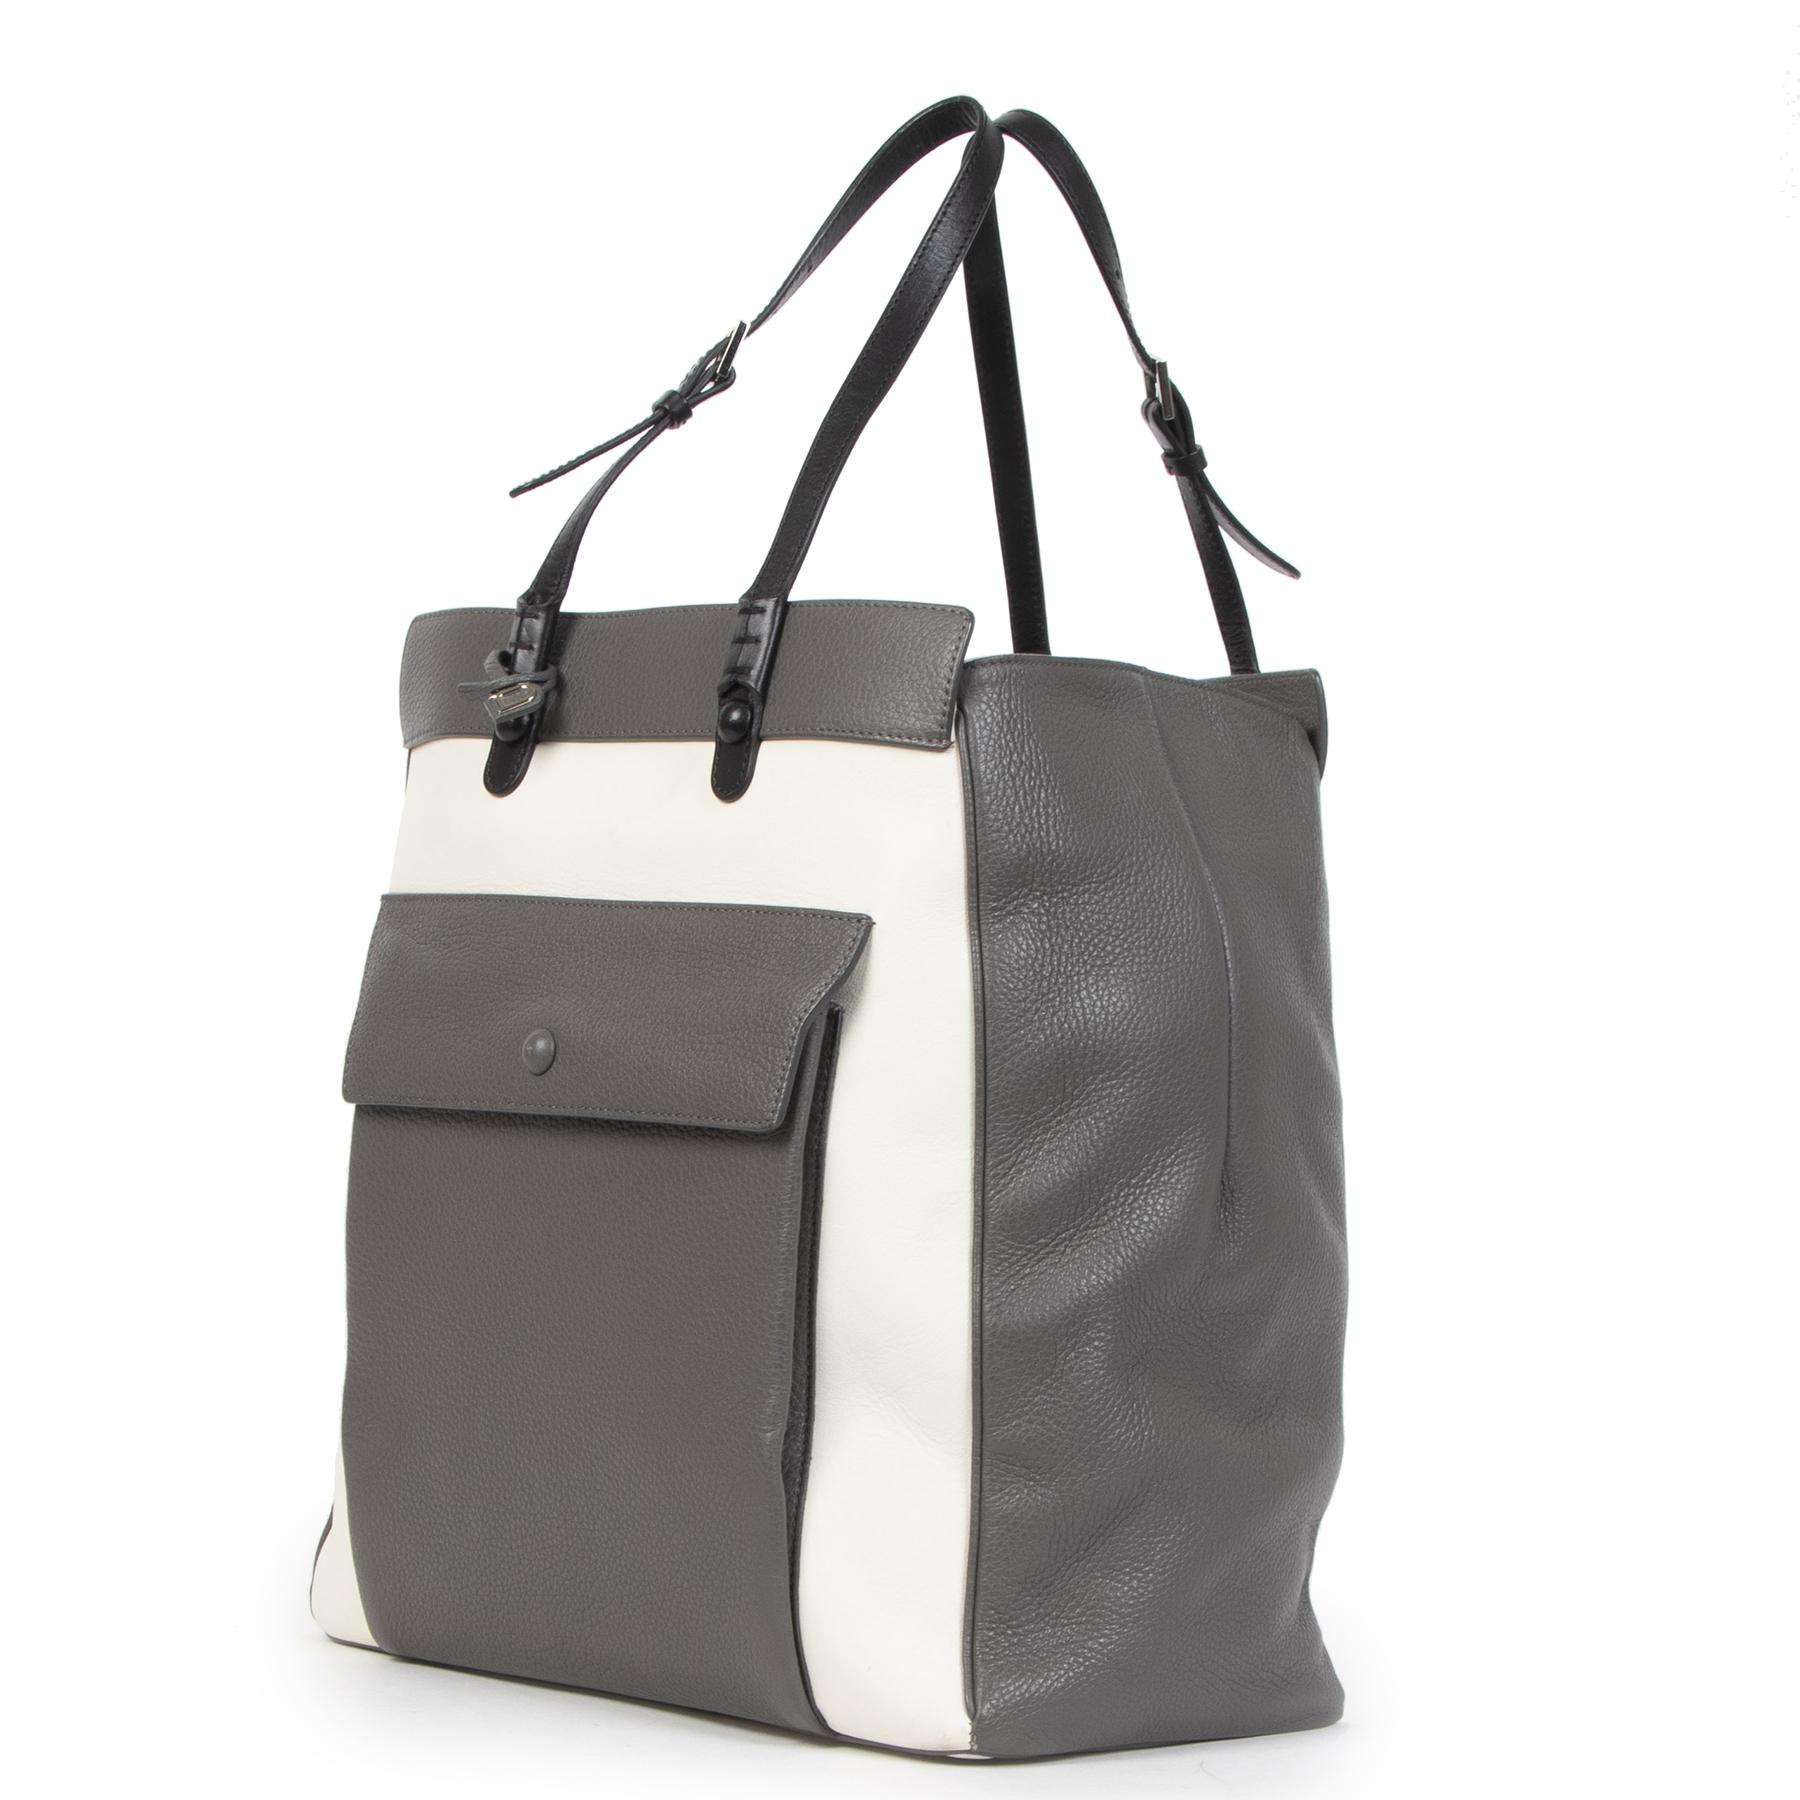 Authentieke Tweedehands Delvaux Desinvolte Allure Tricolor Tote Shoulder Bag juiste prijs veilig online shoppen luxe merken webshop winkelen Antwerpen België mode fashion